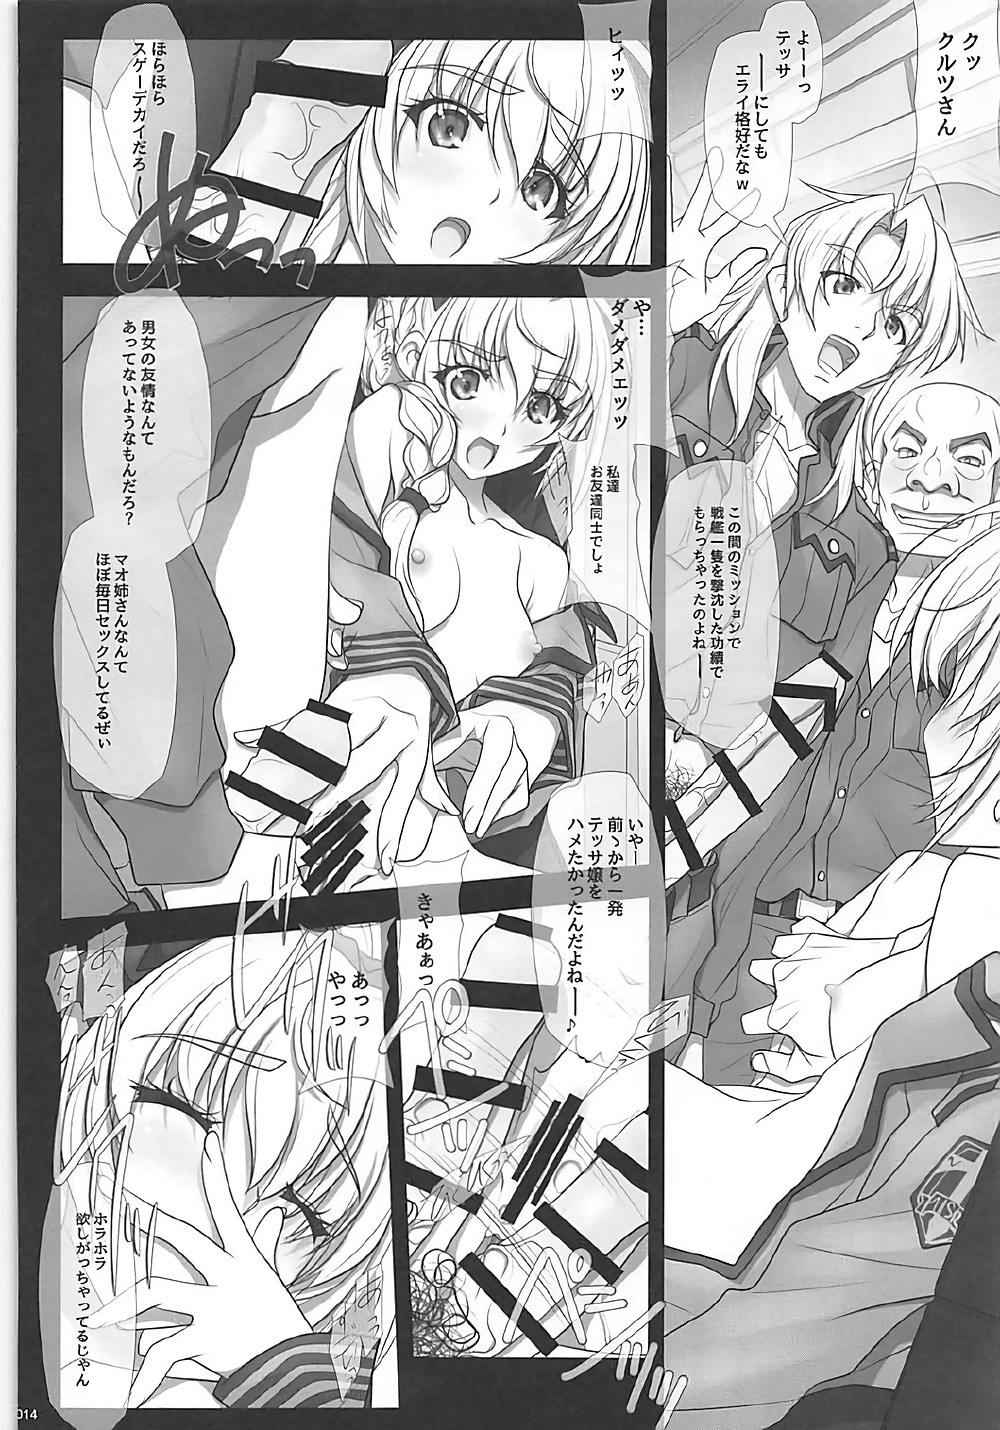 【エロ同人誌】性欲滾る隊員たちの前でオナニーするテッサ大佐www【フルメタルパニック/C92】